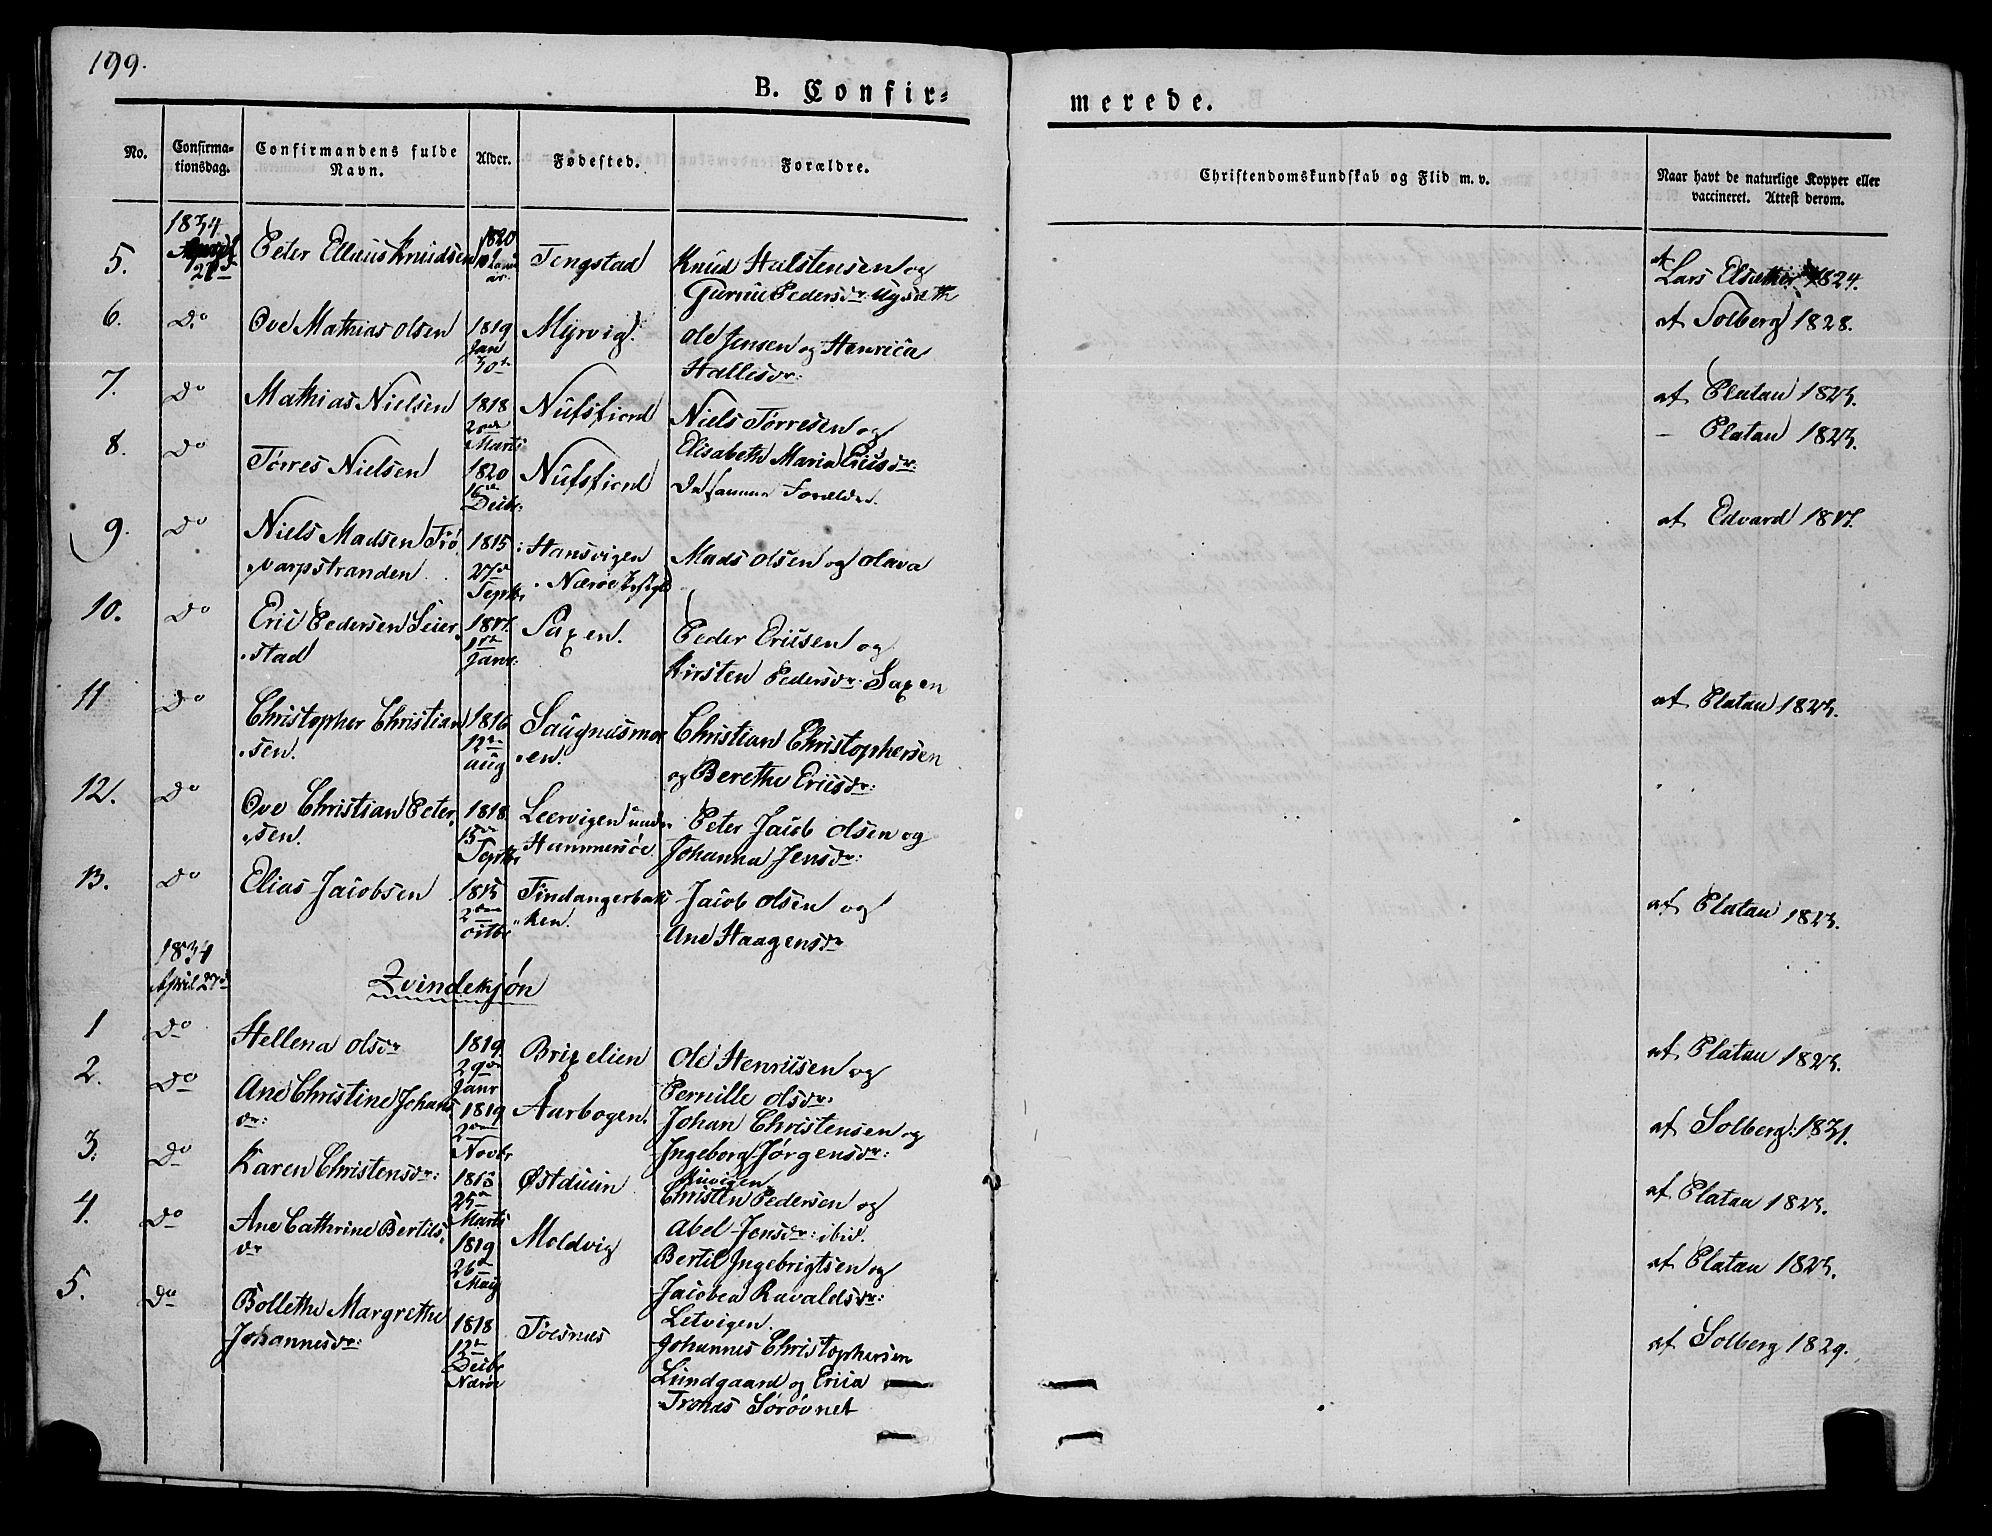 SAT, Ministerialprotokoller, klokkerbøker og fødselsregistre - Nord-Trøndelag, 773/L0614: Ministerialbok nr. 773A05, 1831-1856, s. 199